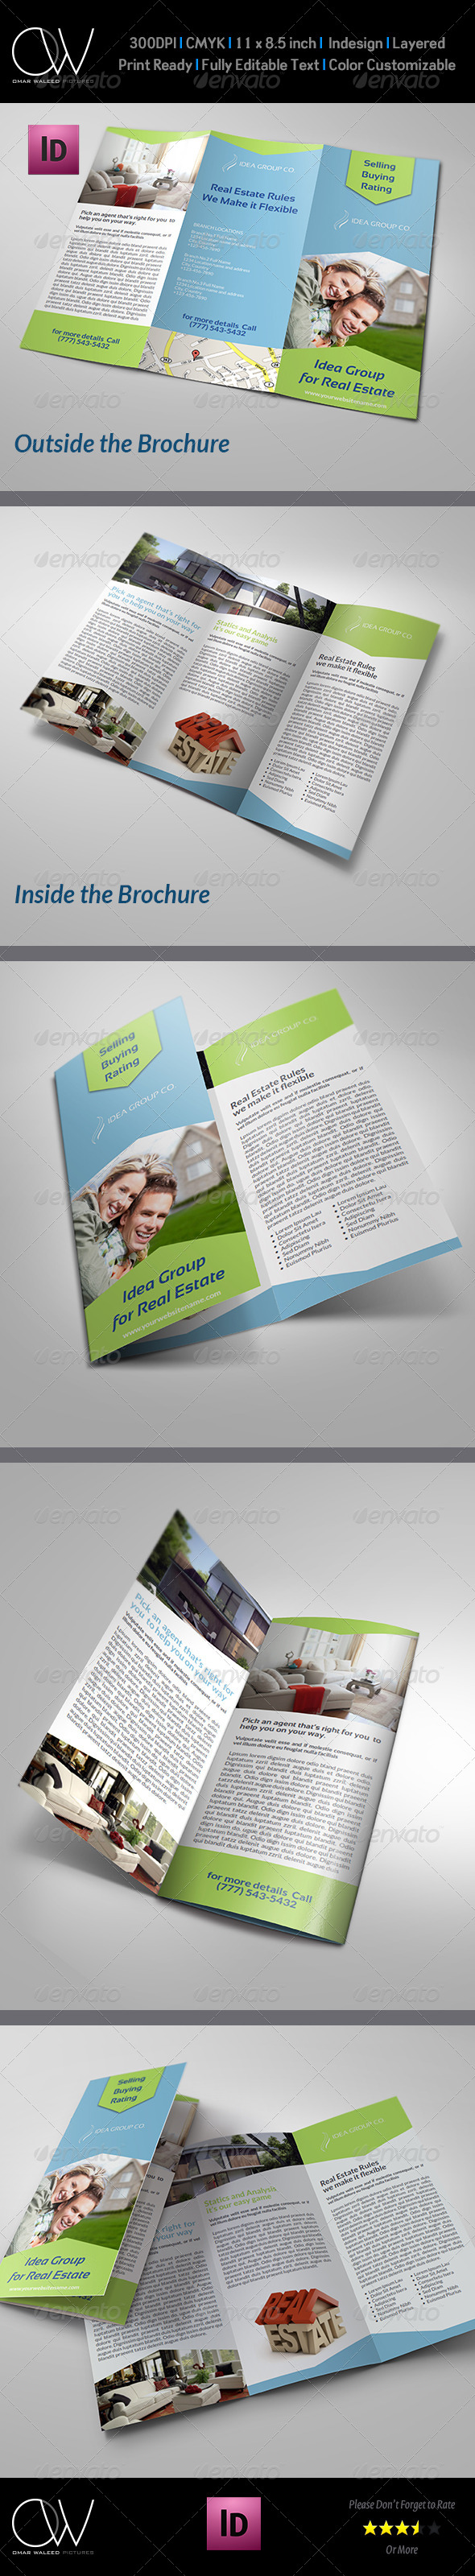 GraphicRiver Real Estate Tri-Fold Brochure Template 7687547